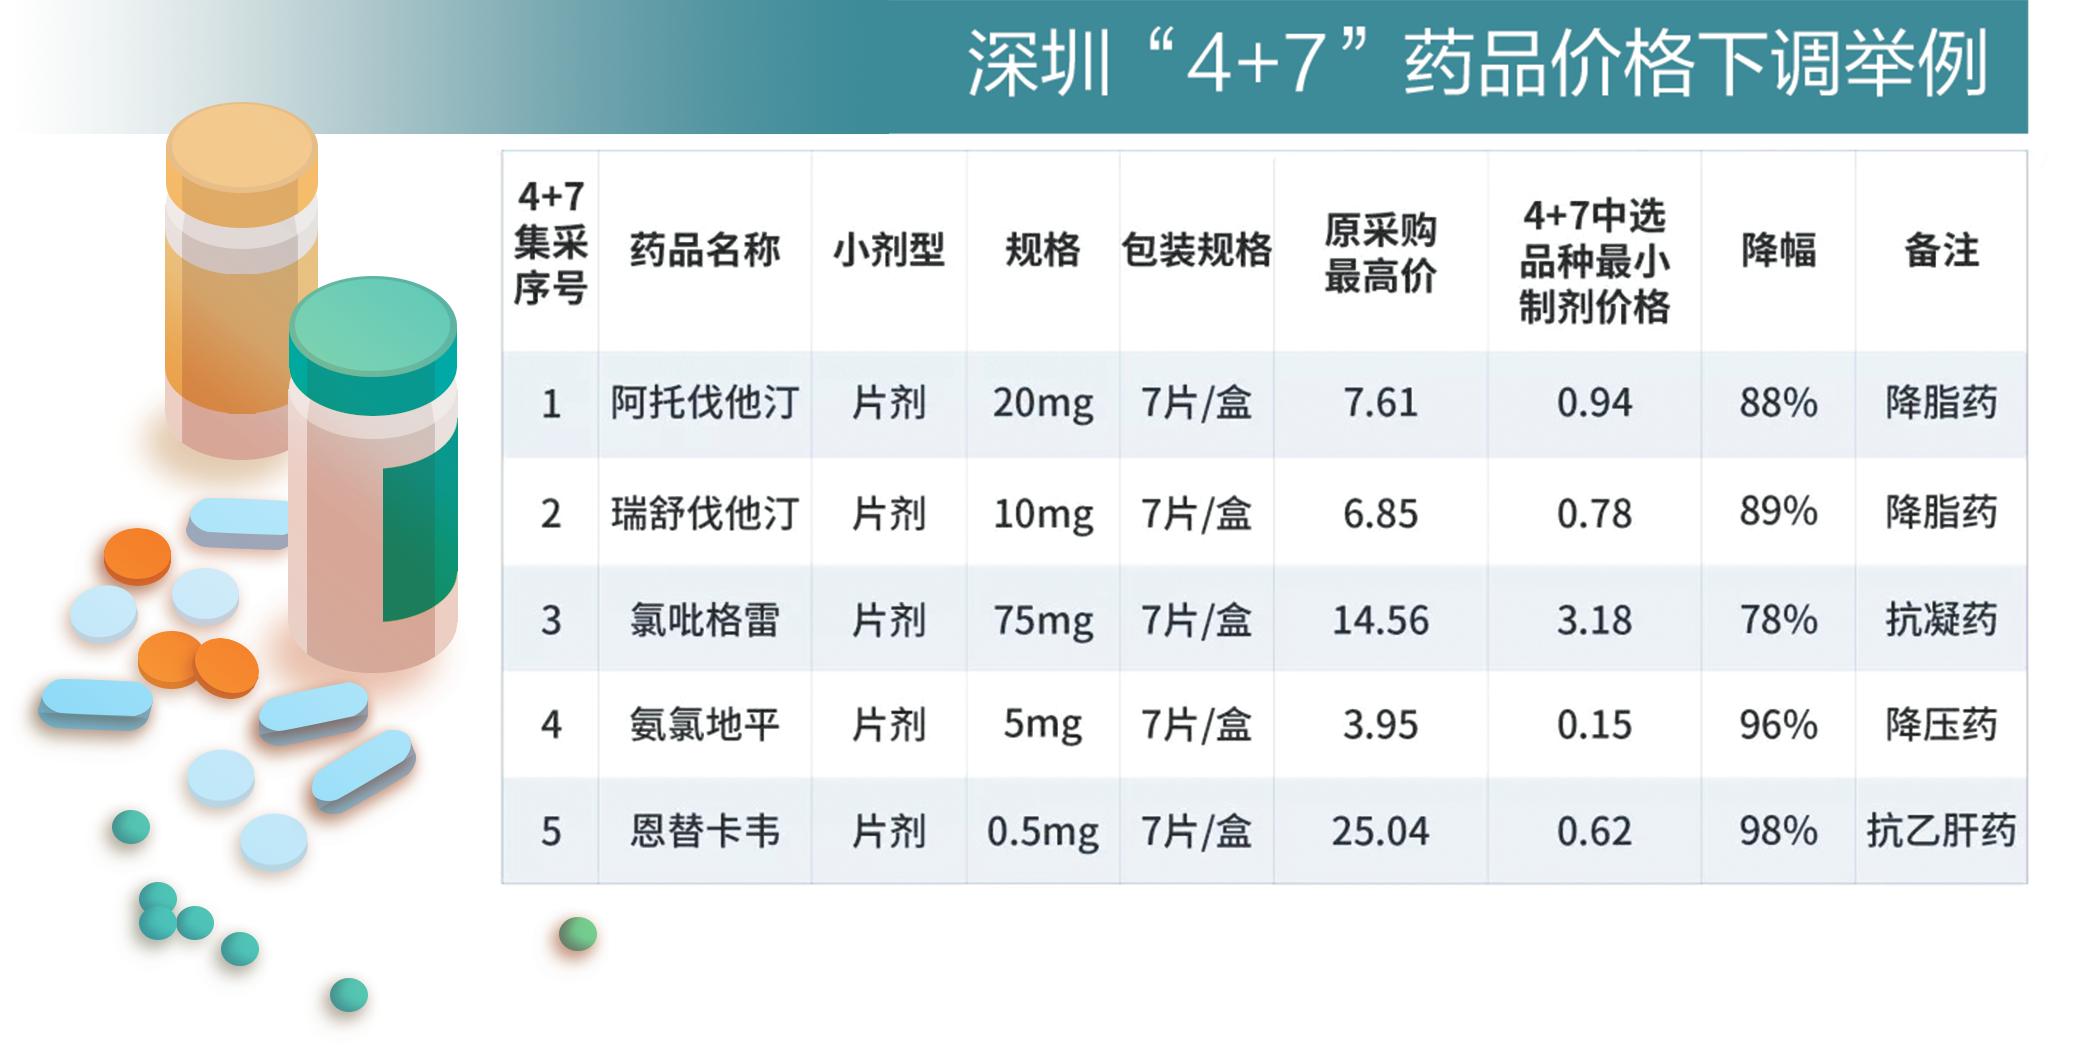 """国家""""4+7""""城市集采药品落地深圳 25种药品降价"""